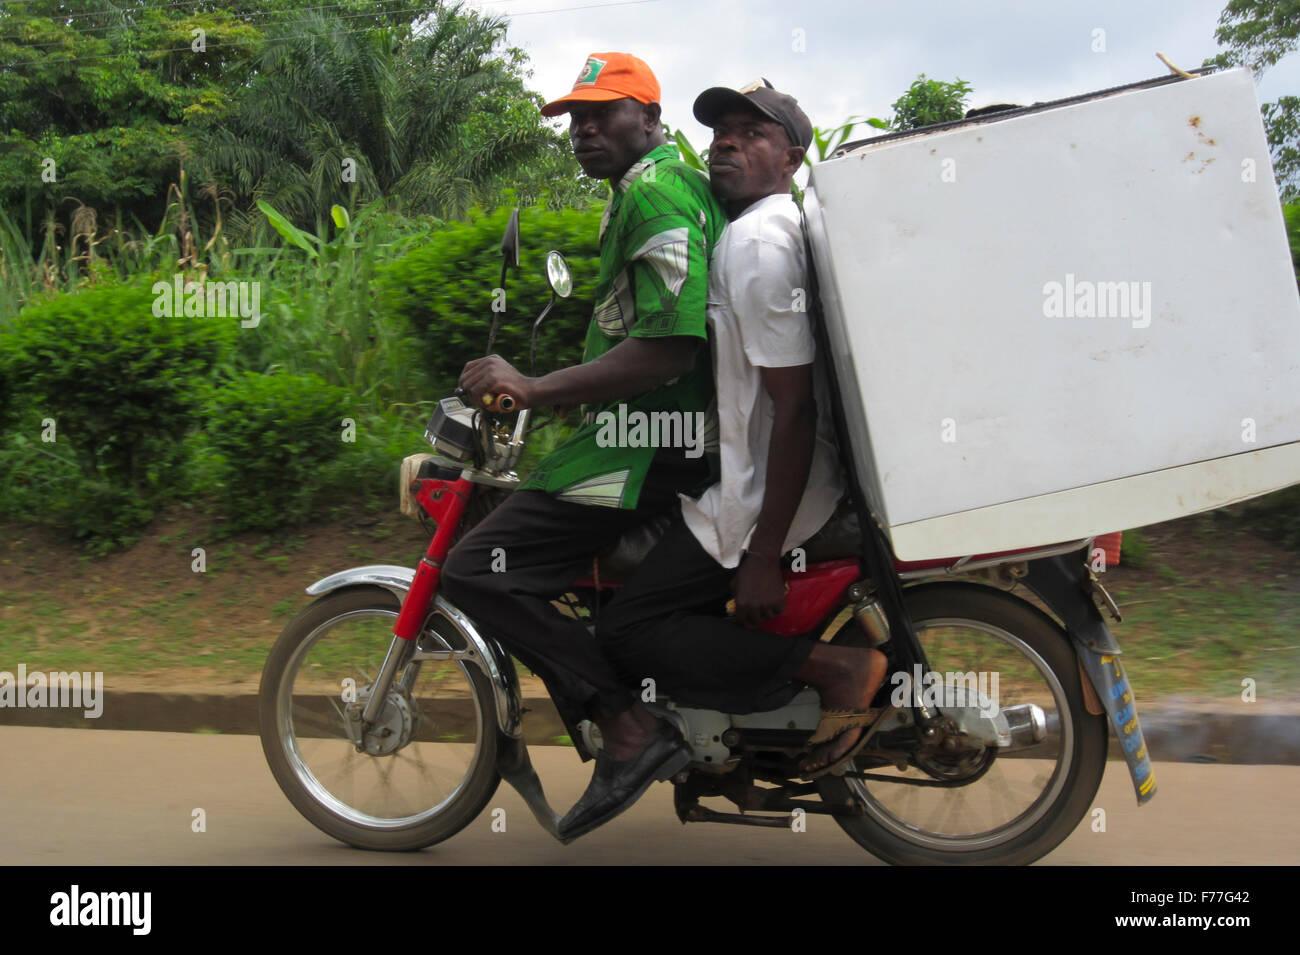 Overloaded Motorbike Stockfotos & Overloaded Motorbike Bilder - Alamy